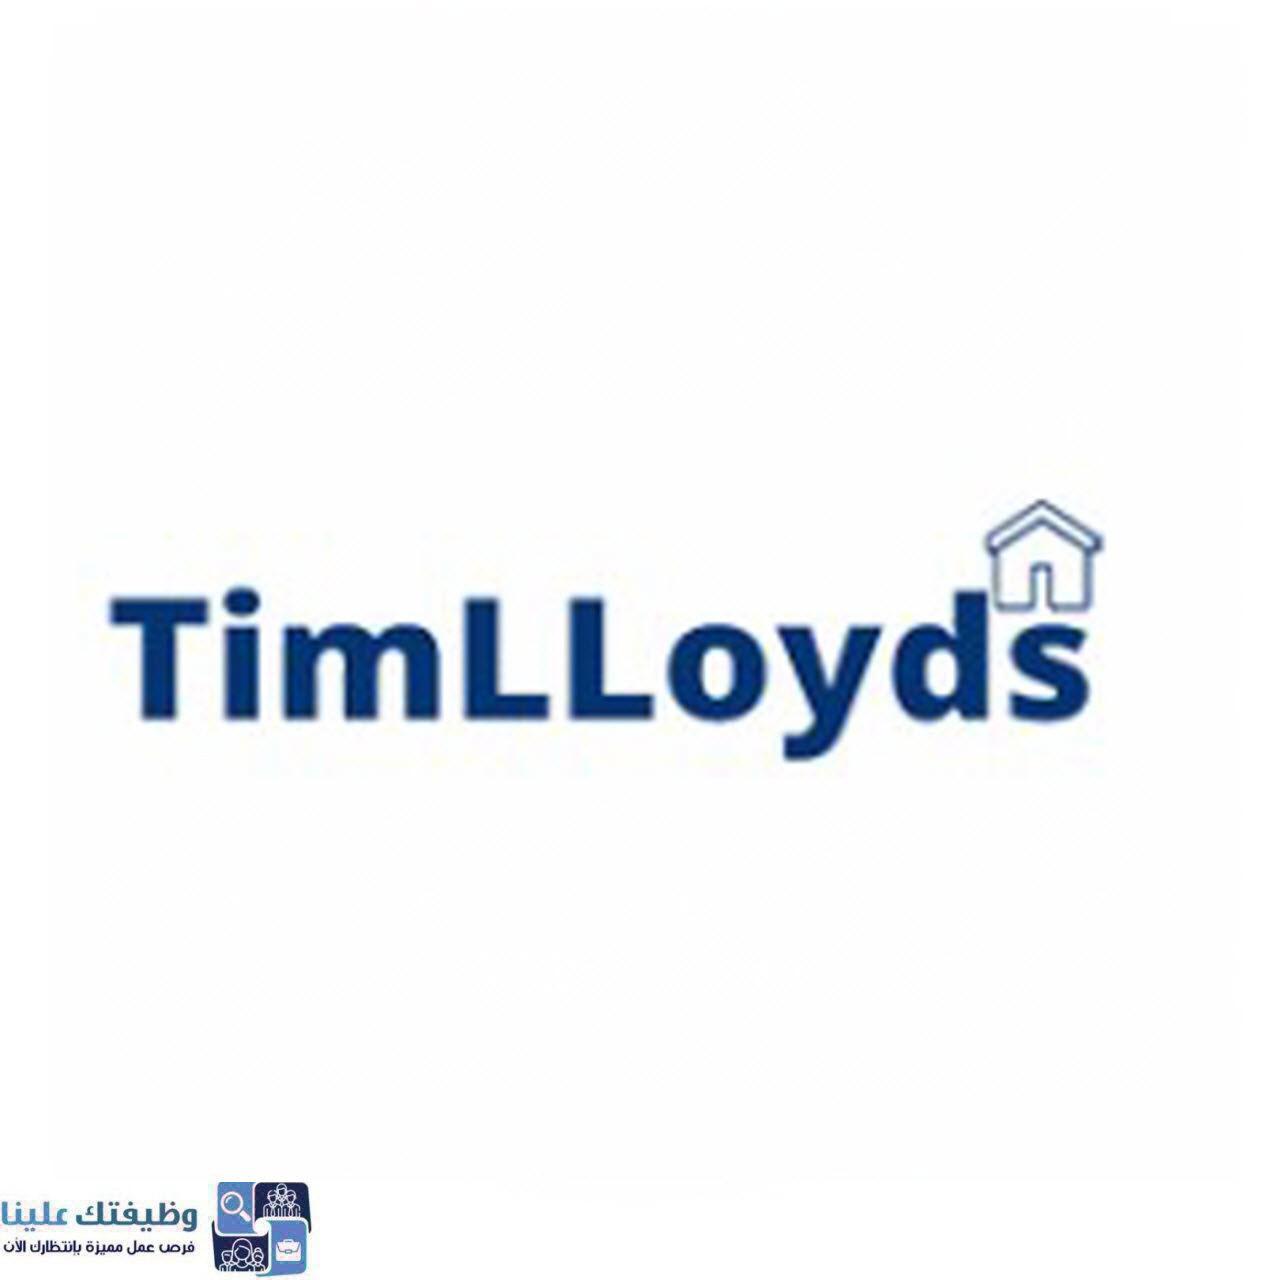 شركة تيم لويدز العقارية